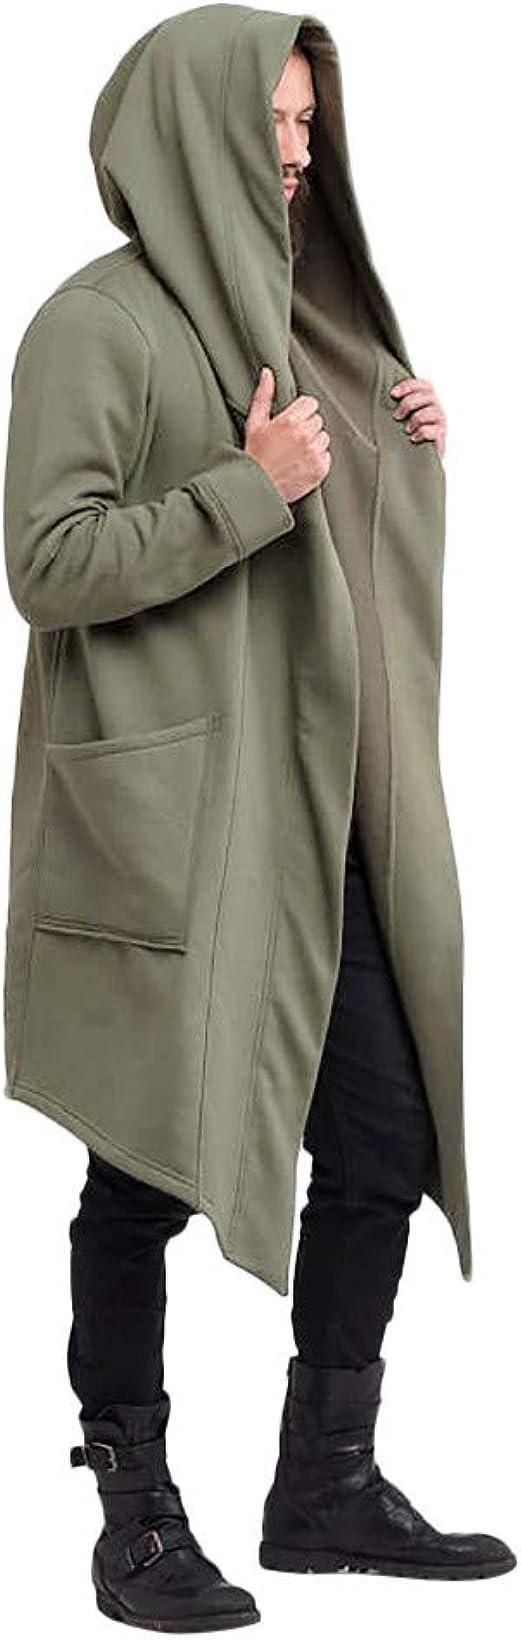 ジャケット メンズ コート ブルゾンロング フード付き 秋冬 おおきいサイズ ビジネス カジュアル チェック 冬服 おしゃれ 防寒 防風撥水 大きいサイズ スタイリッシュ シンプル トレンチコート 上着 アウトウエア トップス 通勤 メンズ 服 セール